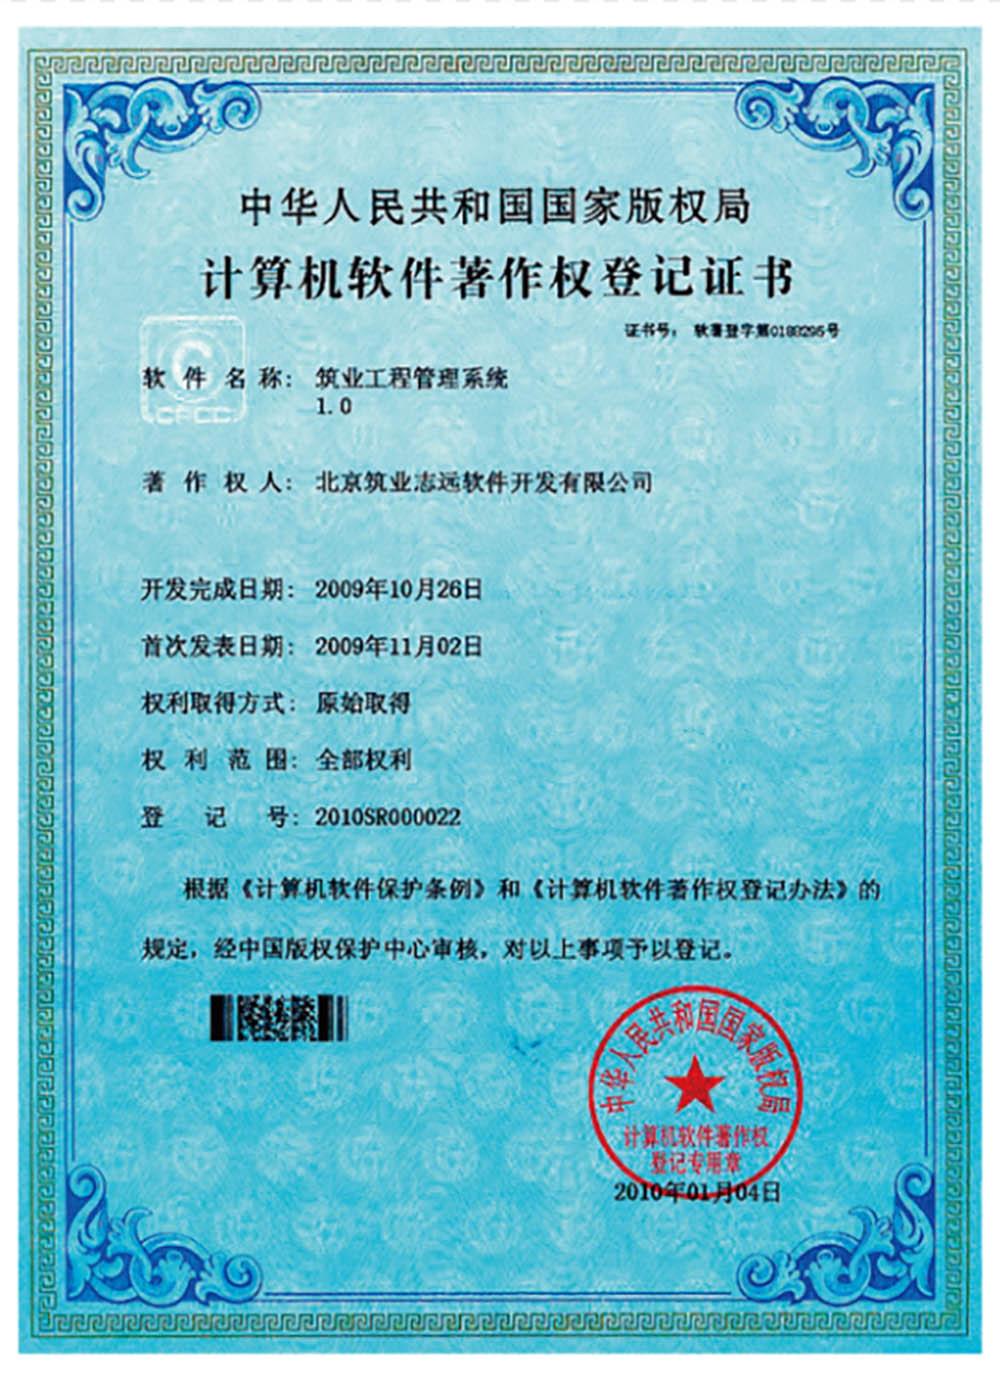 著作权登记证书-工程管理软件